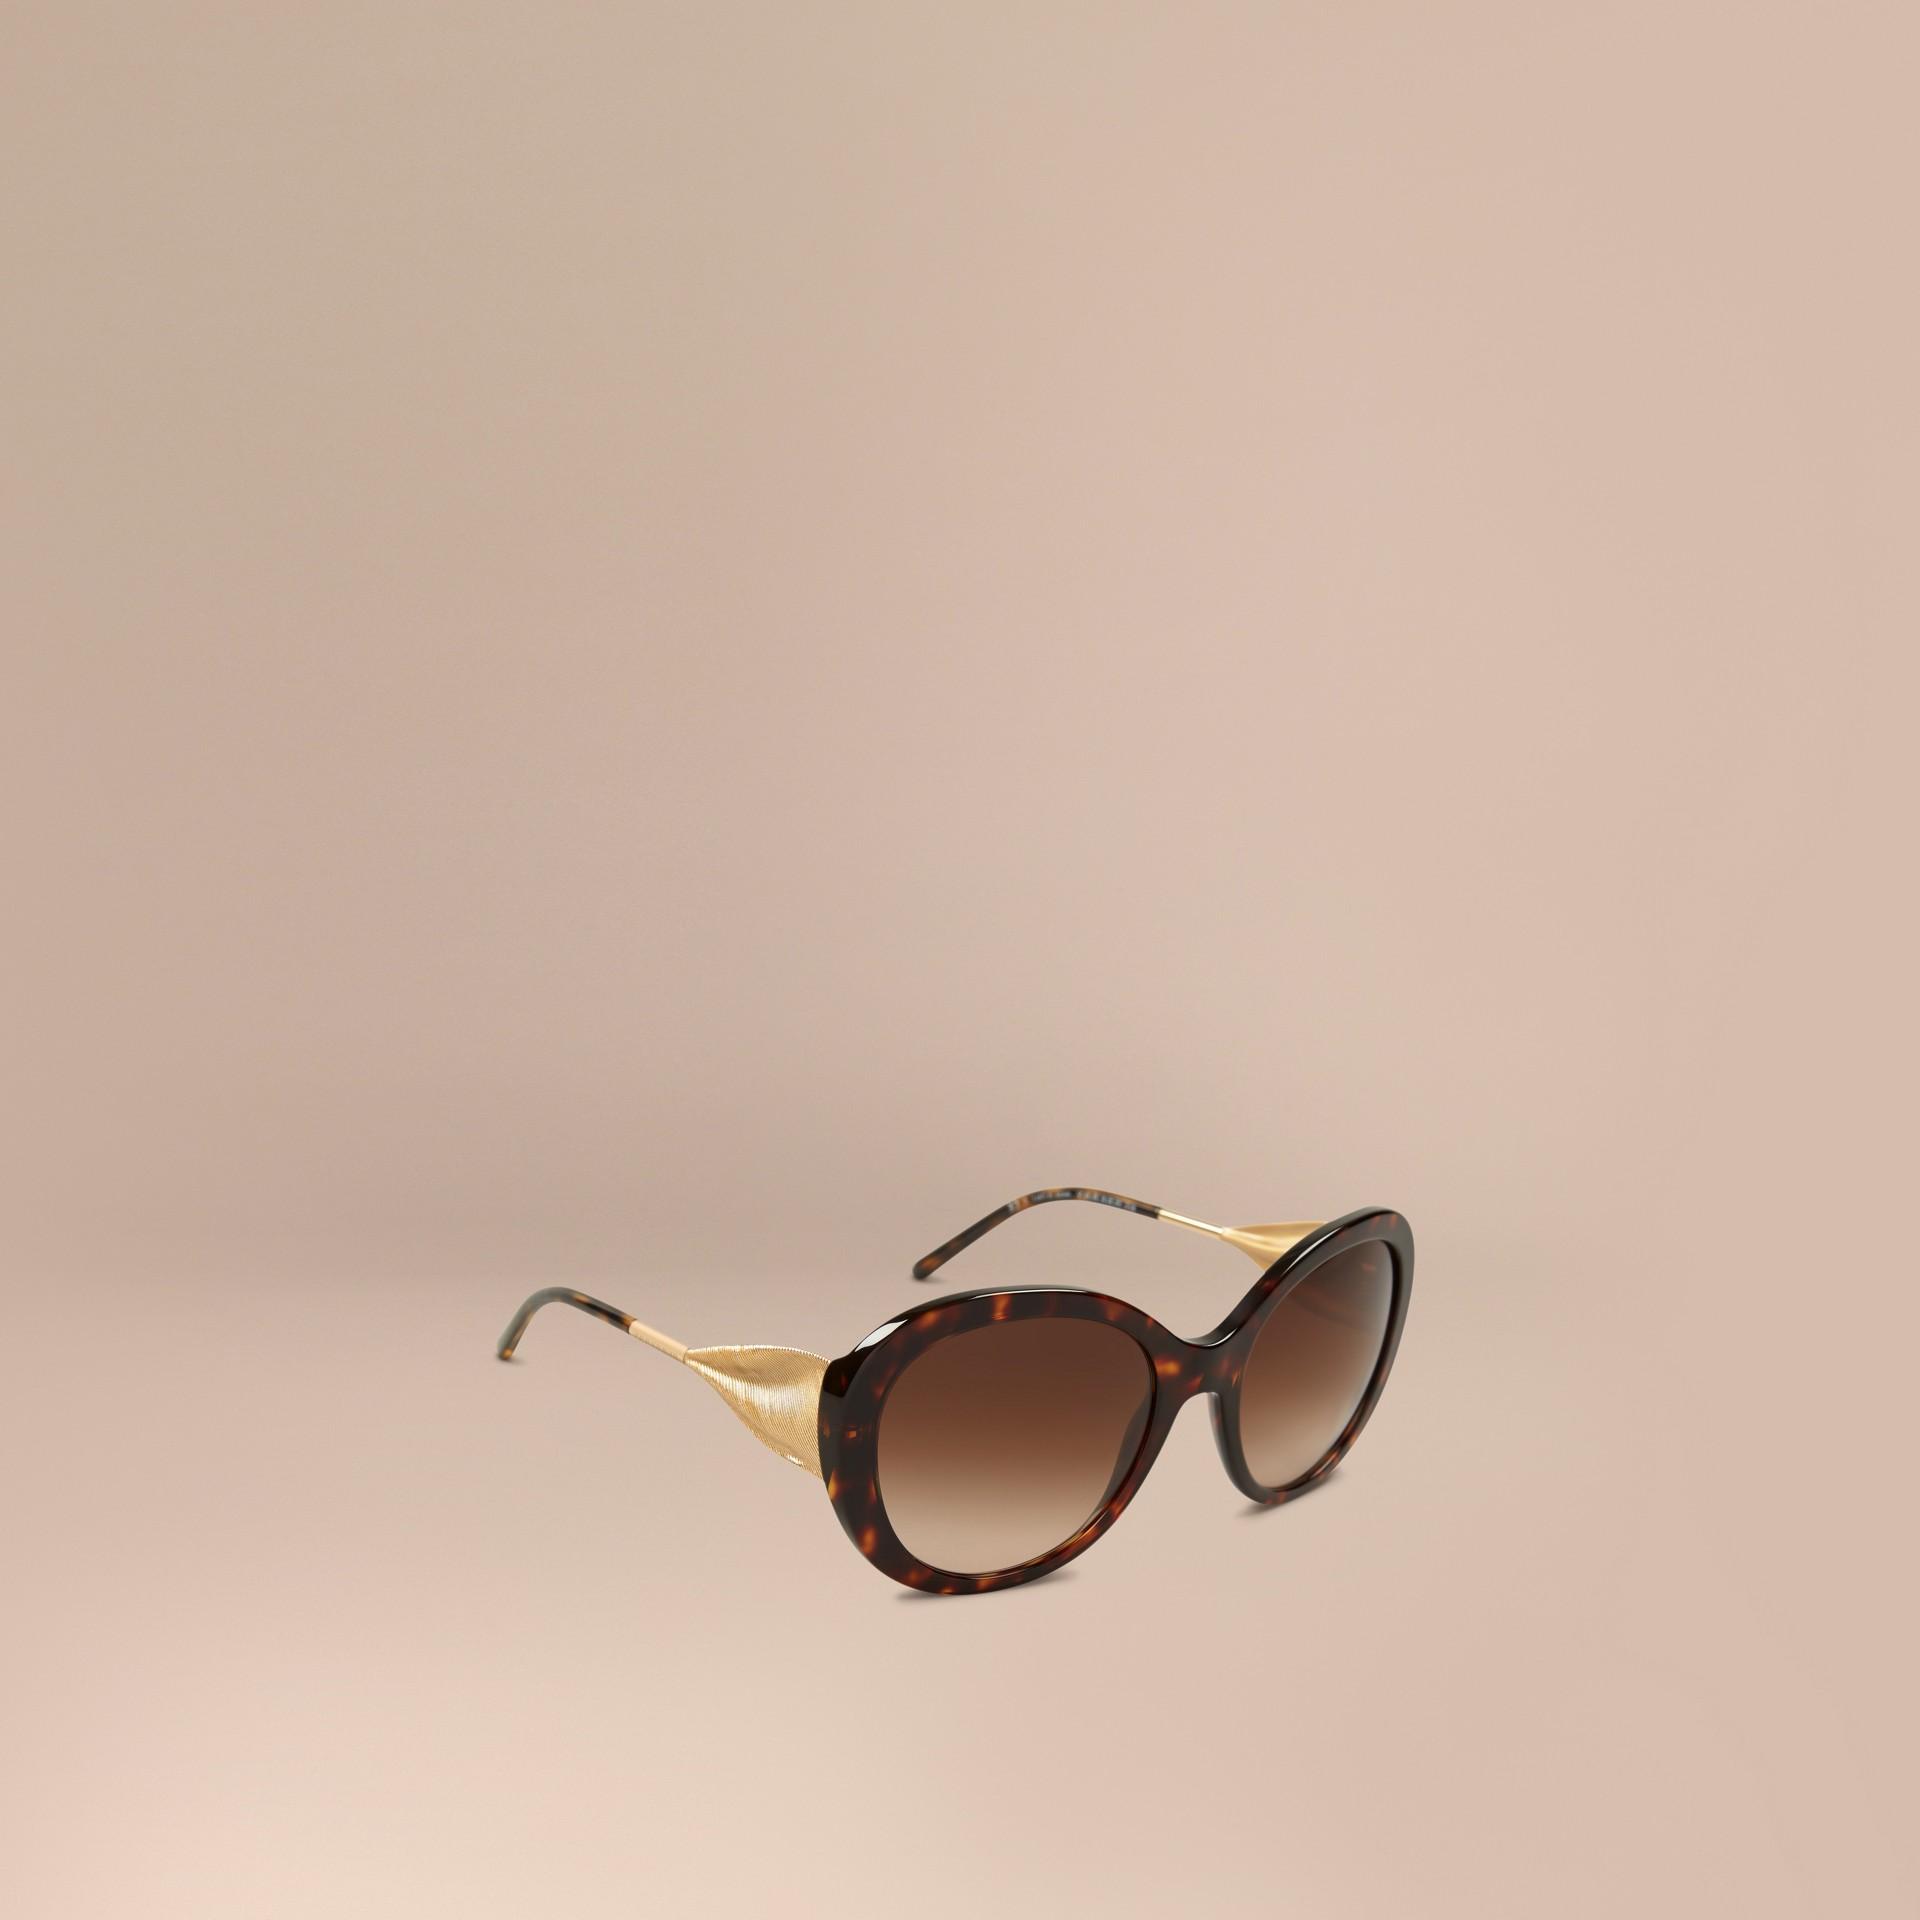 Ebano Occhiali da sole oversize con montatura tonda collezione Gabardine Ebano - immagine della galleria 1